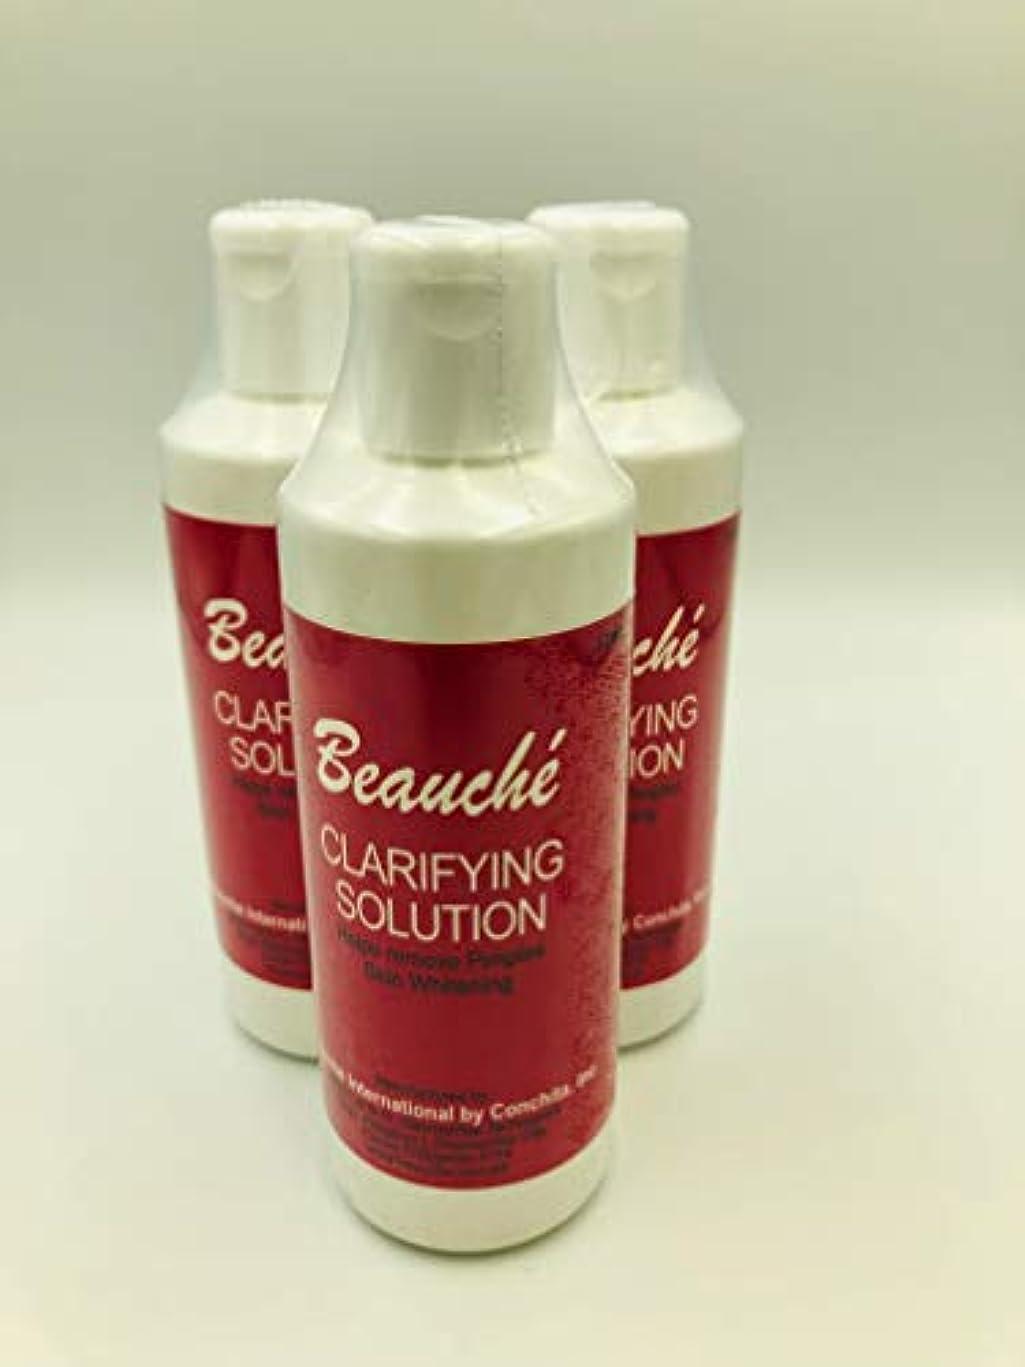 ホース排気両方Beauche Clarifying Solution 120ml 【3pieces set Free Shipping Nationwide】フィリピン スキンローション120ml 3本セット